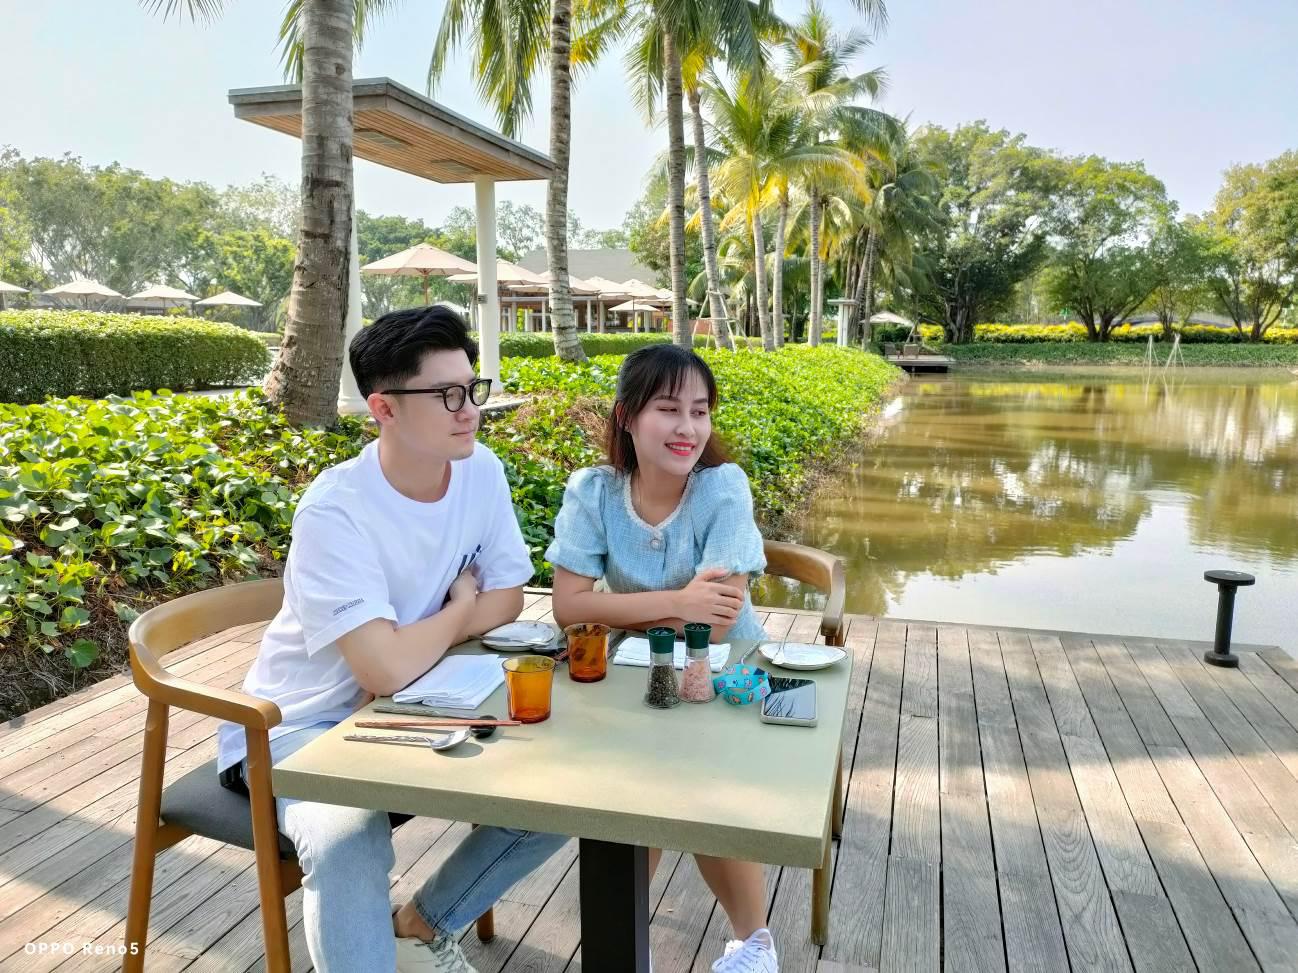 Hết vợ chồng Mike Pan đến gia đình Sơn Đoàn khoe khoảnh khắc ngọt ngào cận Valentine - Ảnh 1.